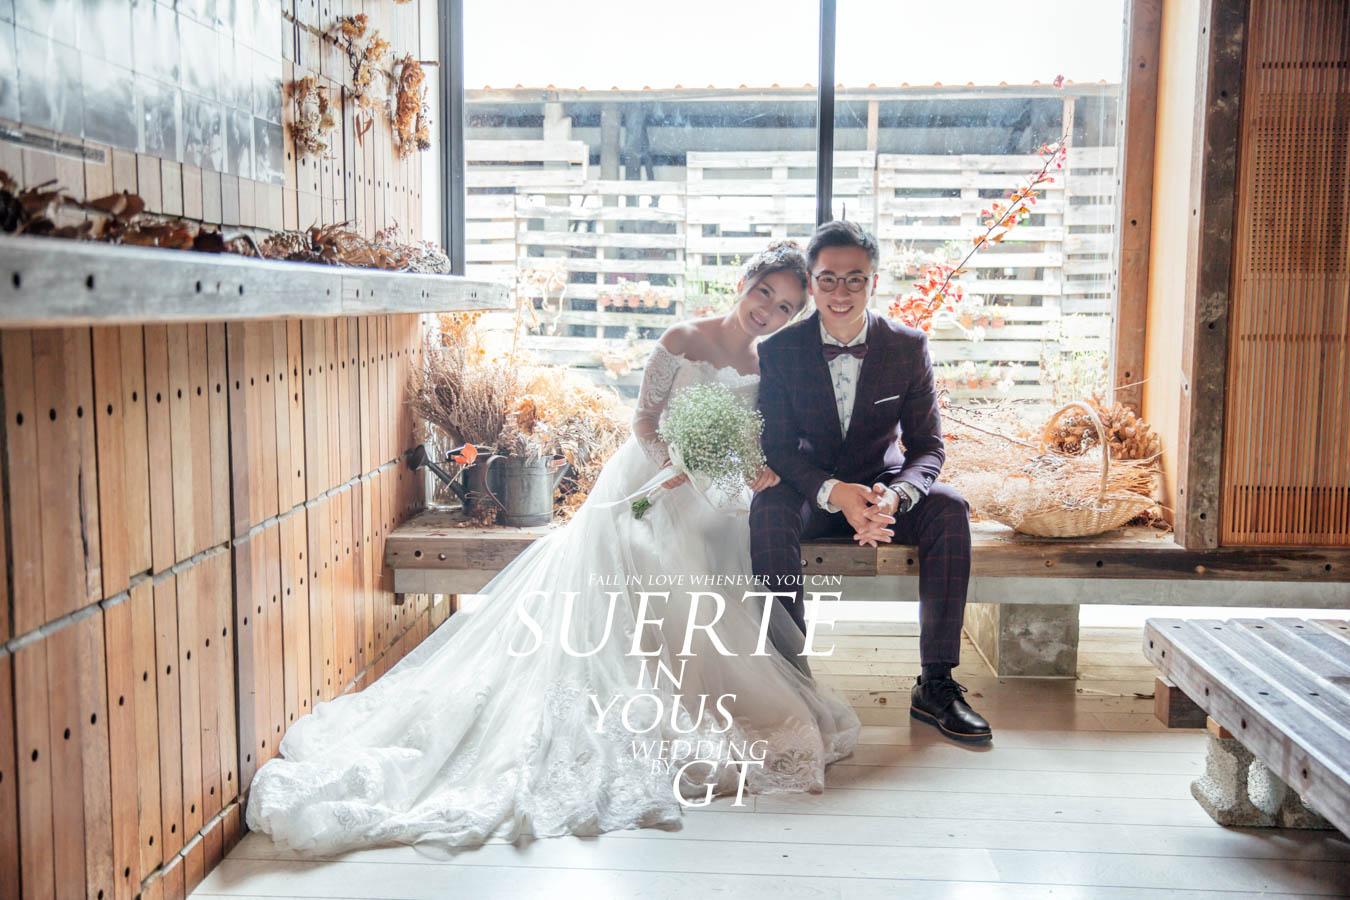 自助婚紗 | 東燕+建葳  PREWEDDING GT拍攝 |國內婚紗|台中婚紗